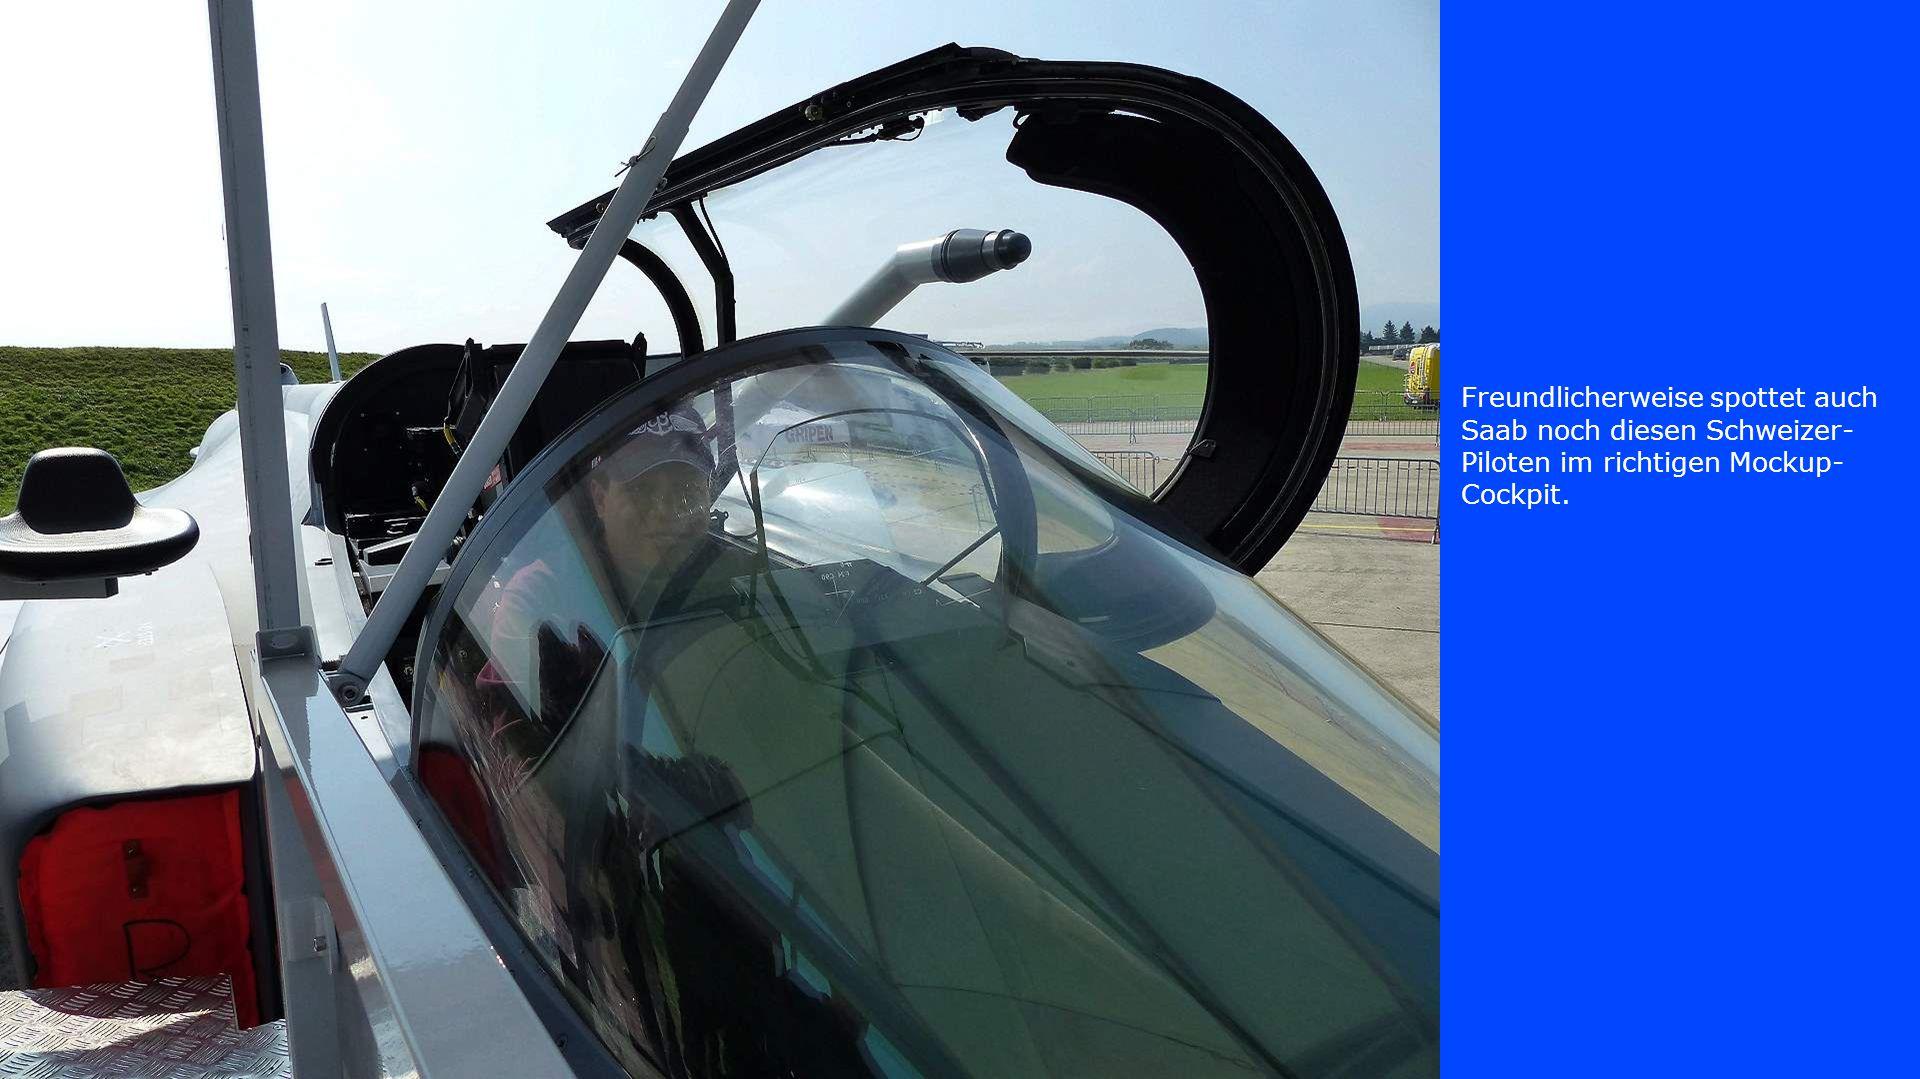 Freundlicherweise spottet auch Saab noch diesen Schweizer- Piloten im richtigen Mockup- Cockpit.